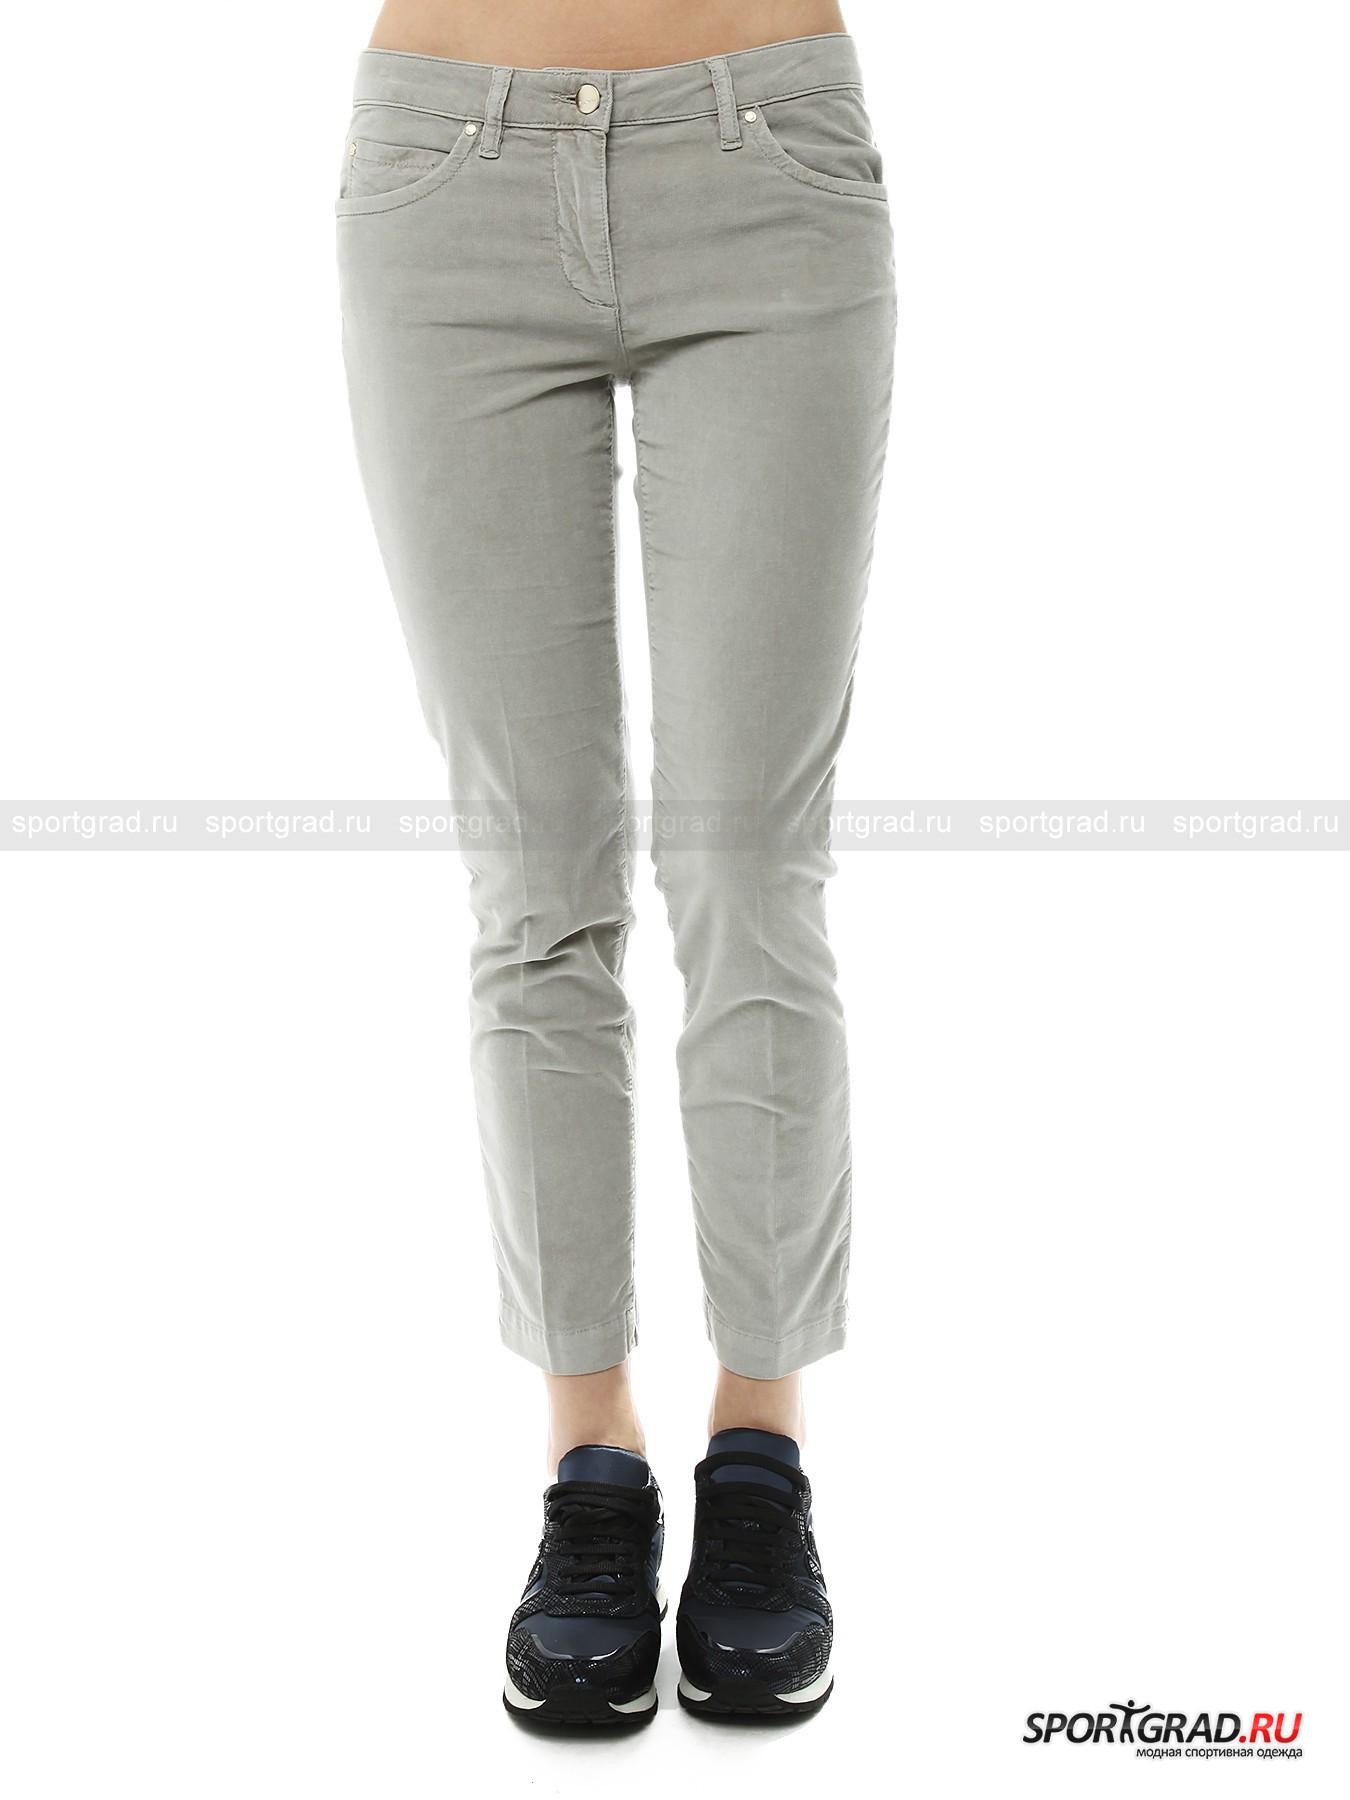 Вельветовые брюки женские